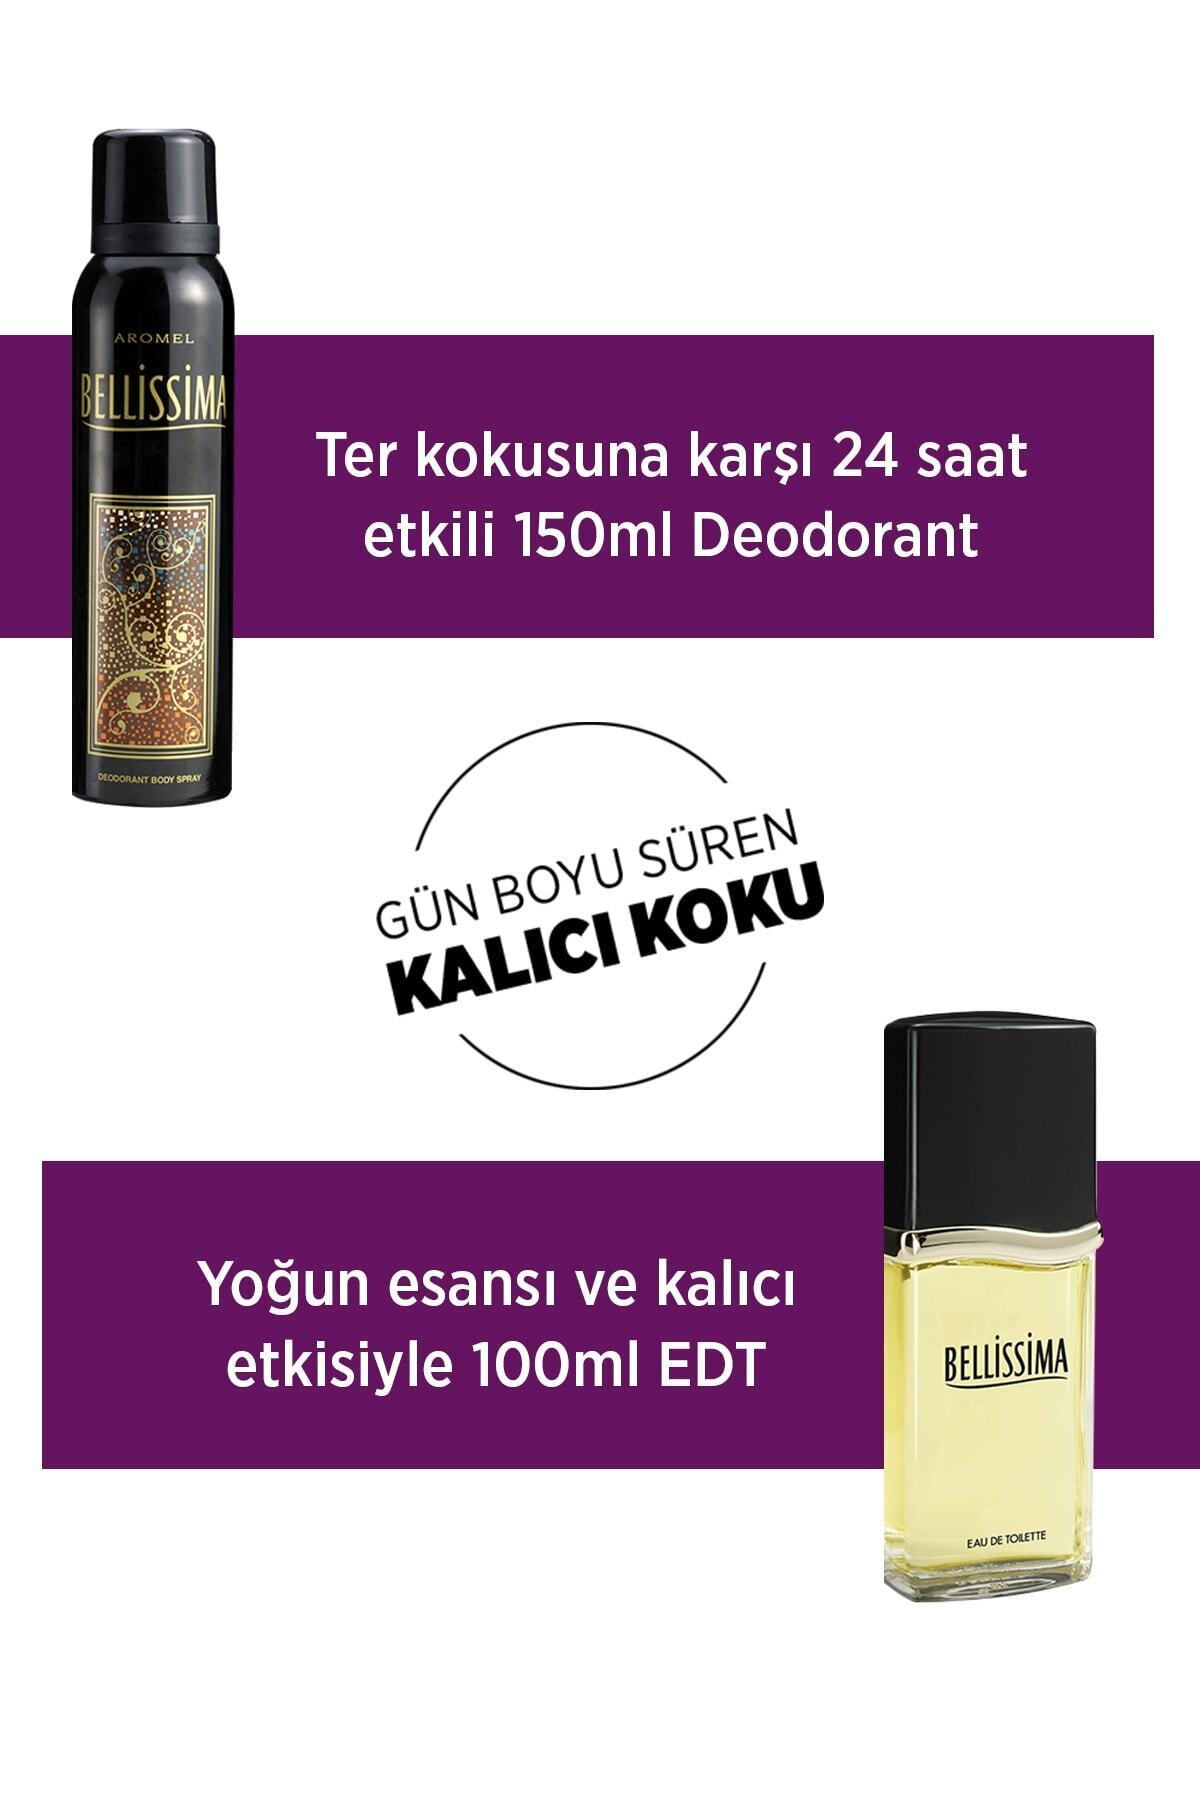 Bellissima Kadın Deodorant 3x150ml 2